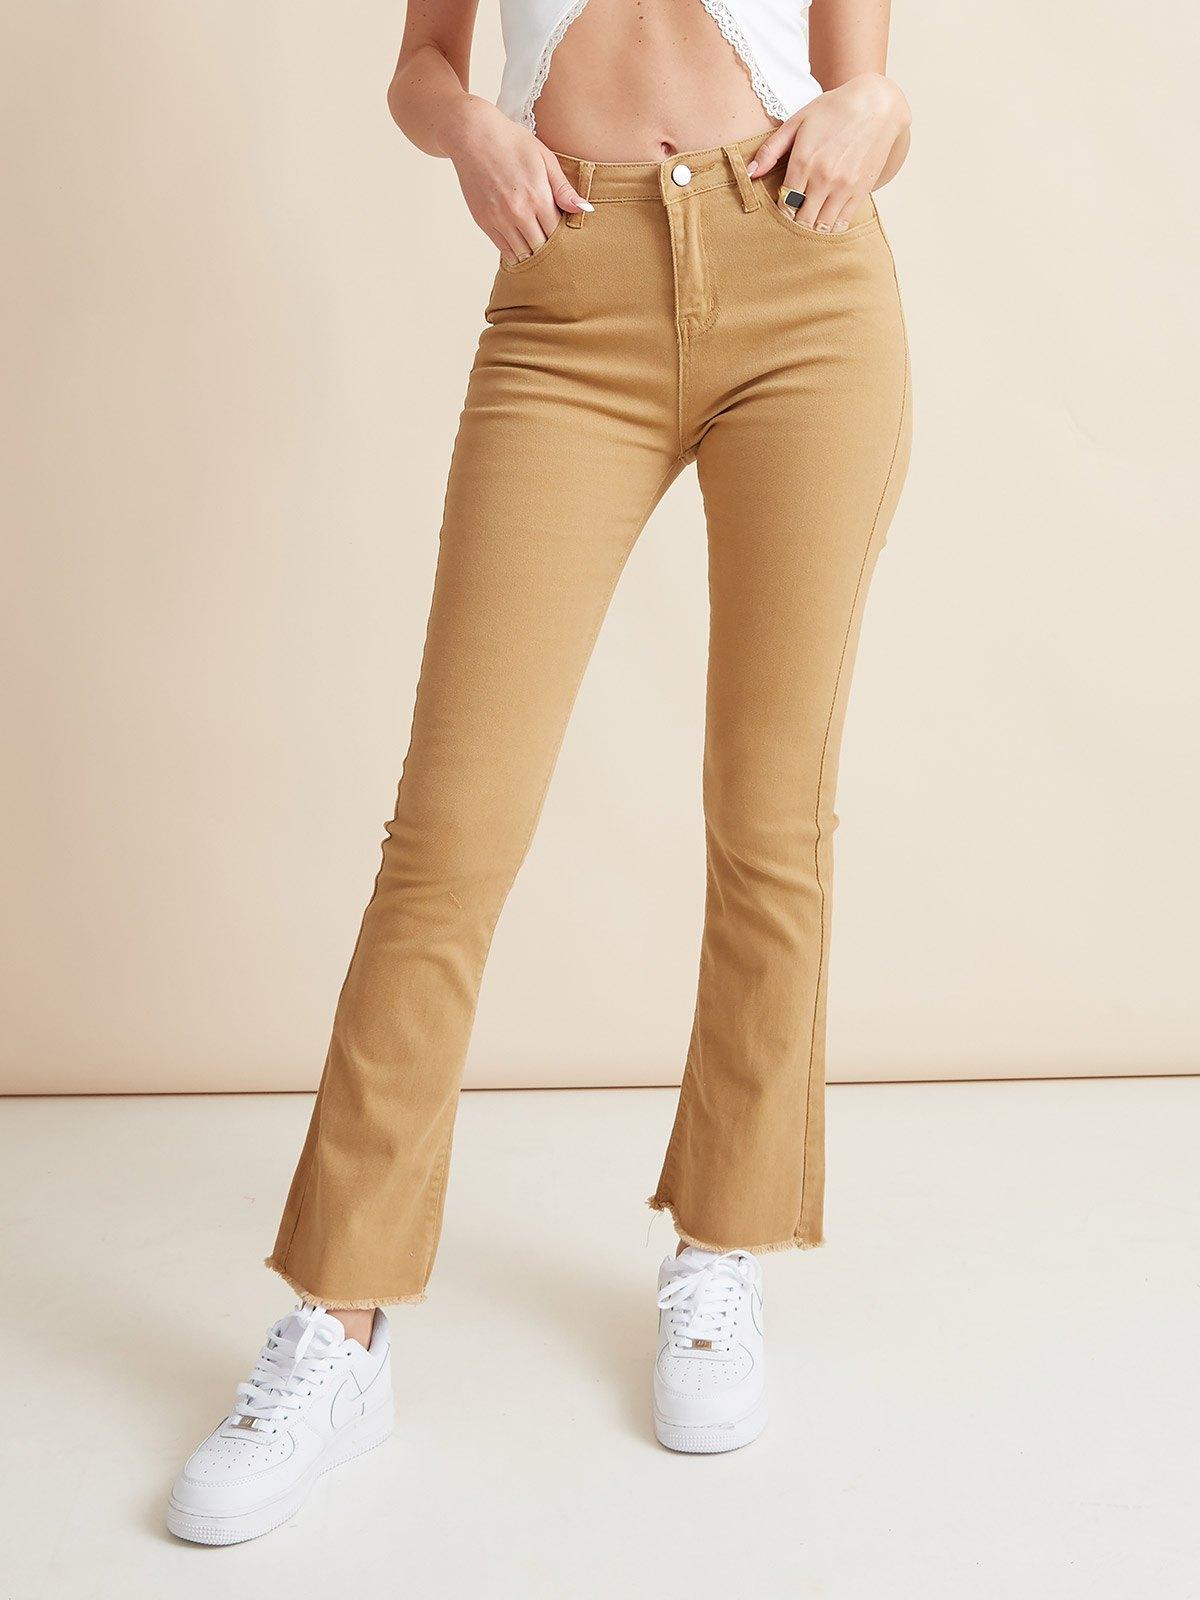 Vintage High Rise Flared Slim Jeans - Camel S